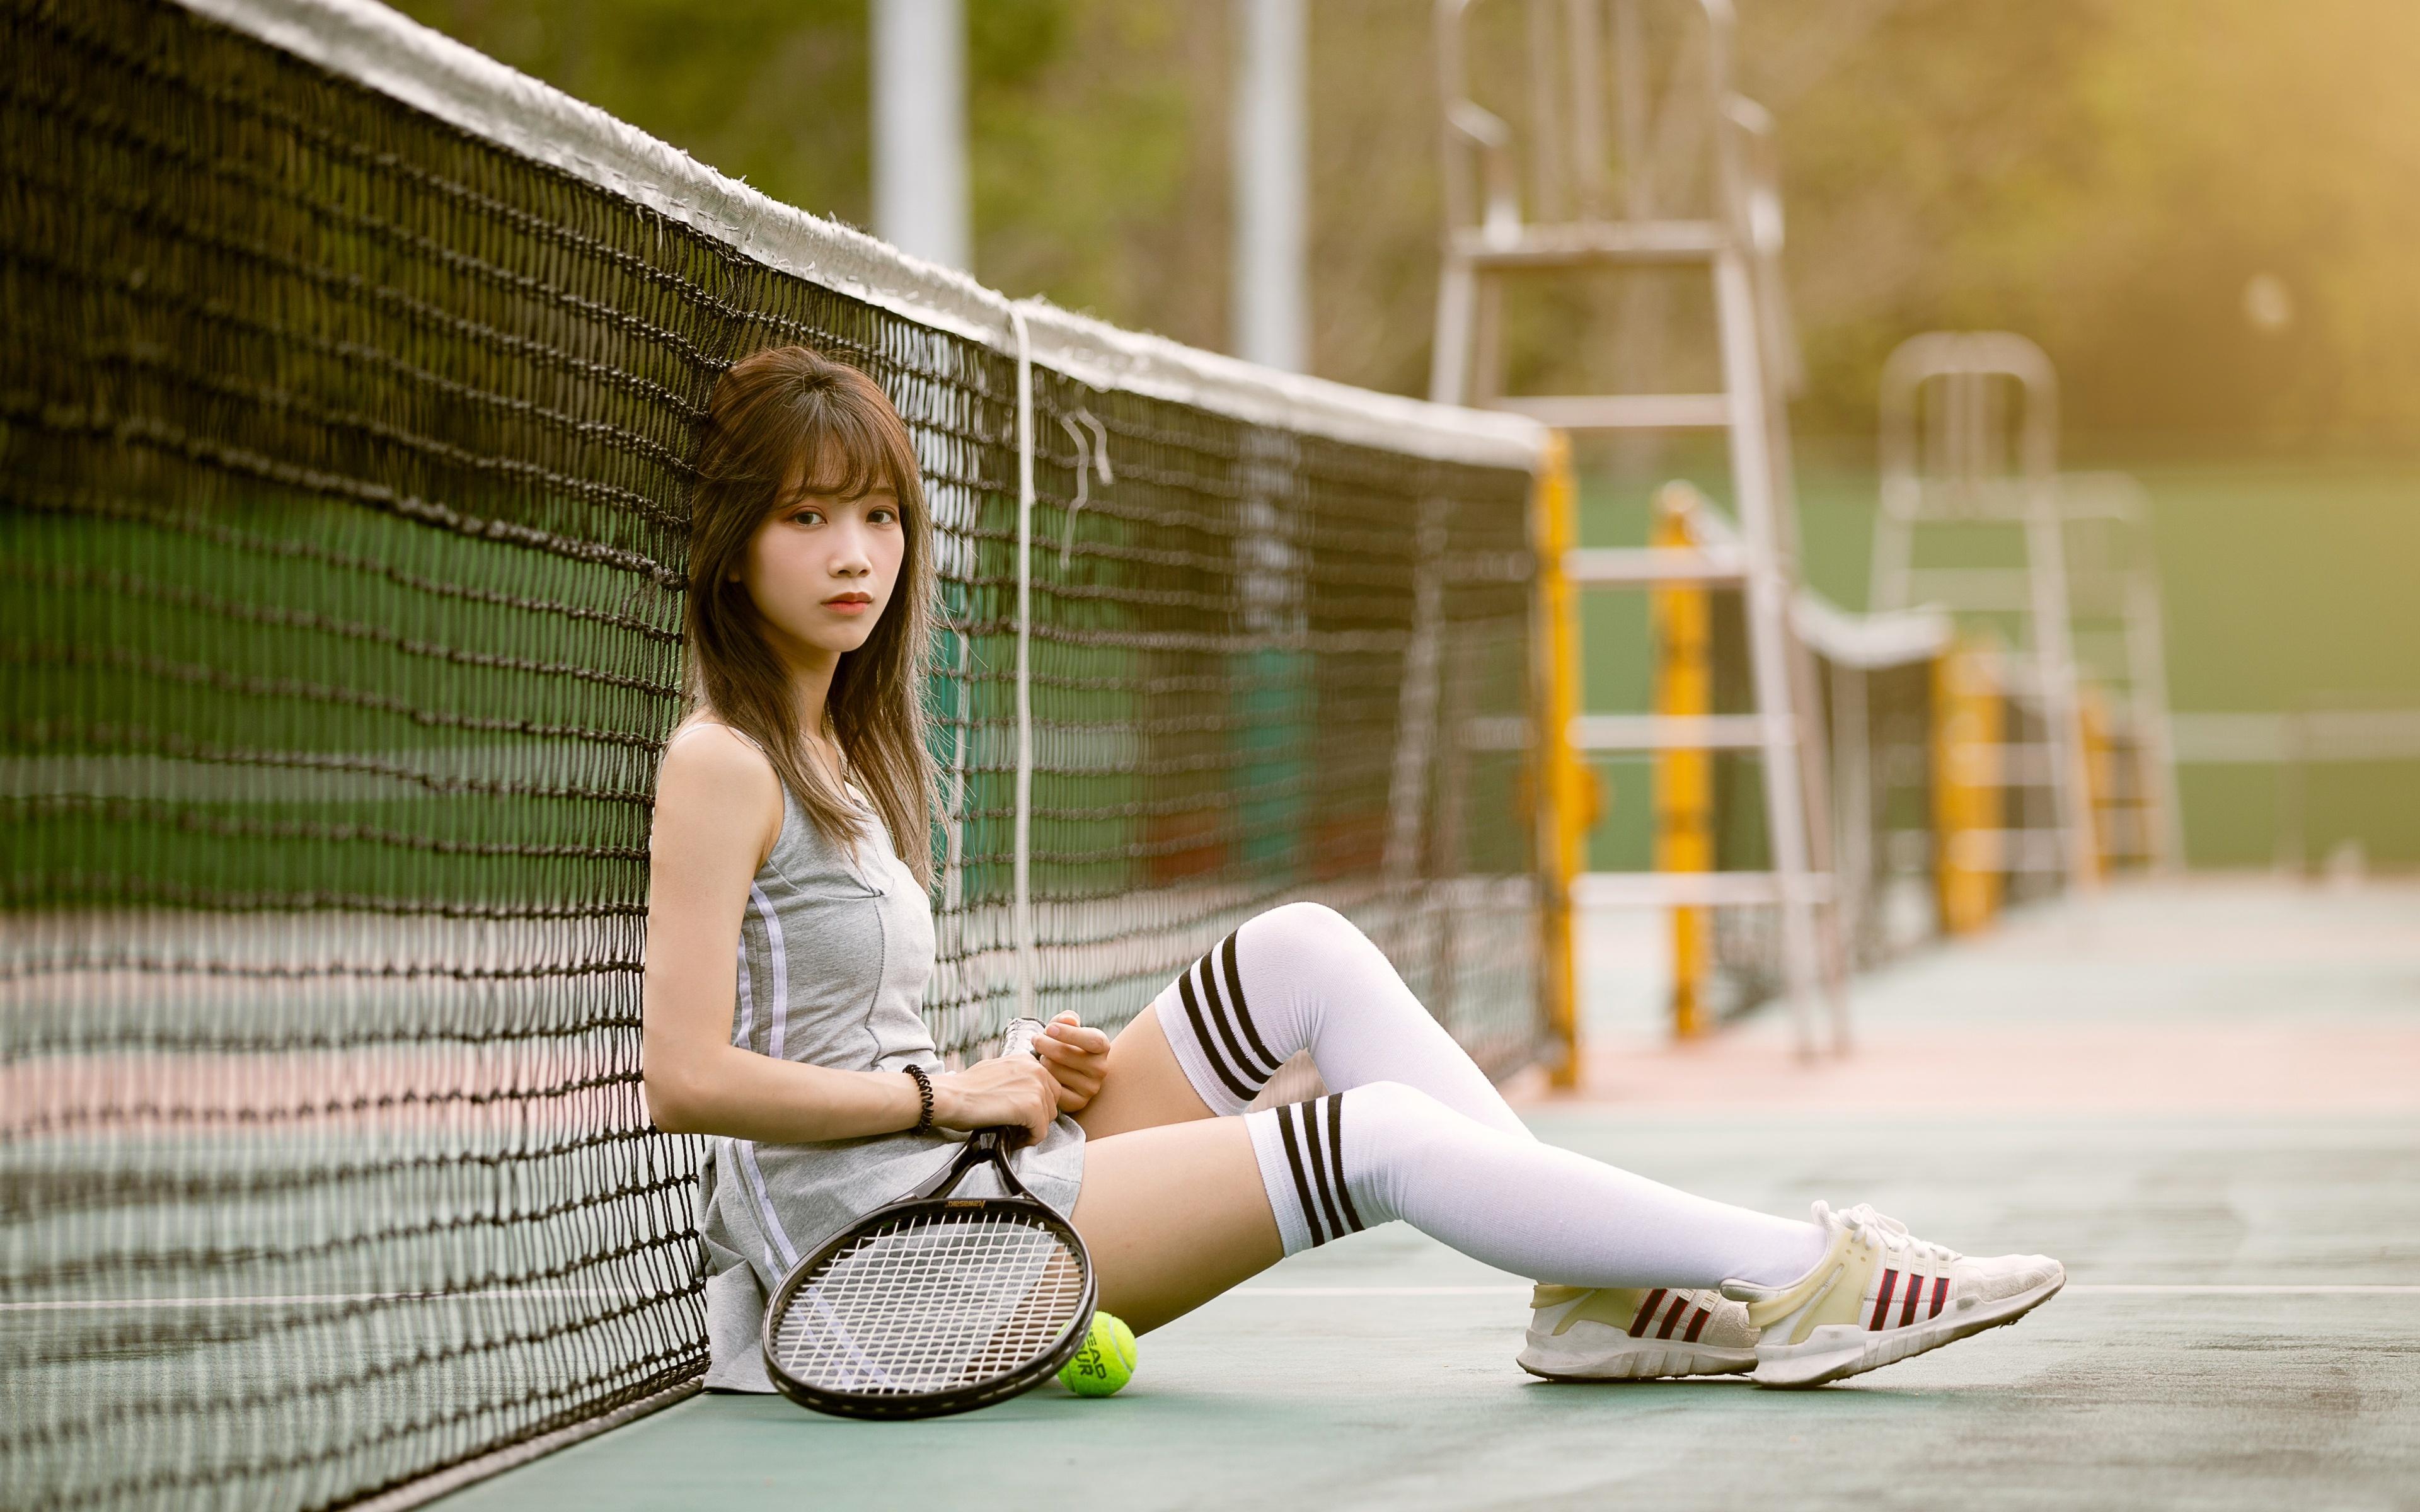 Achtergrond Kniekousen Bokeh Sport netten Sneaker jonge vrouw Benen Tennis Aziaten Zitten Uniform 3840x2400 onscherpe achtergrond sneakers sportschoen Jonge vrouwen aziatisch zittend